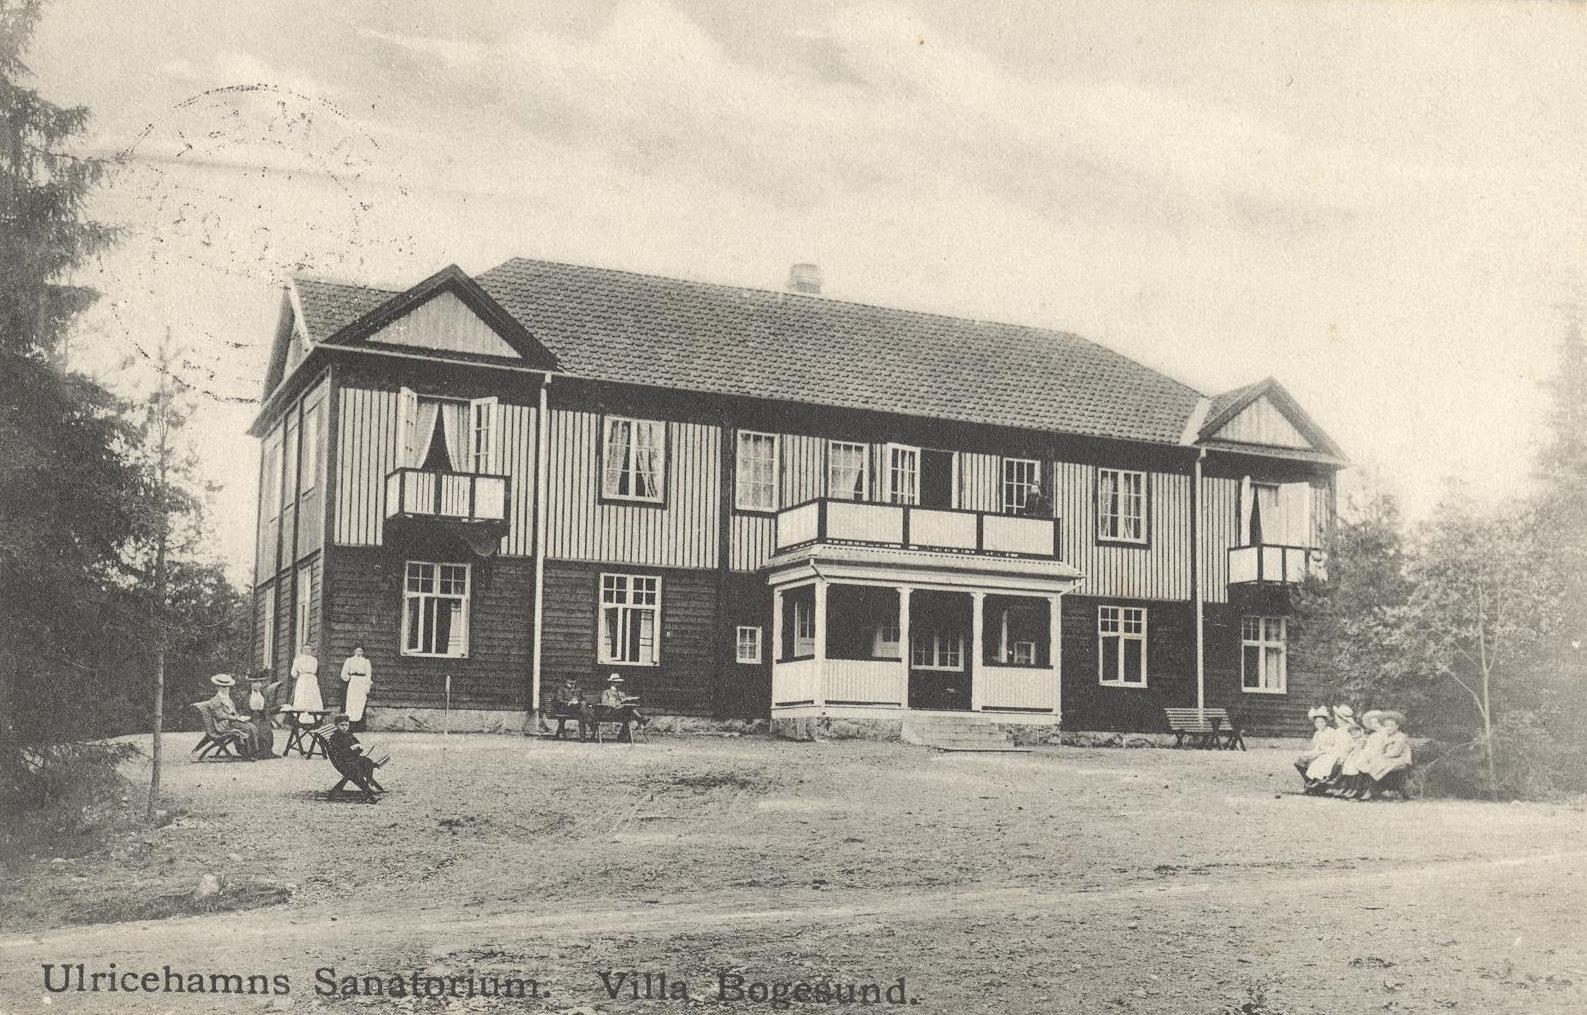 Villa Bogesund, Ulricehamns Sanatorium